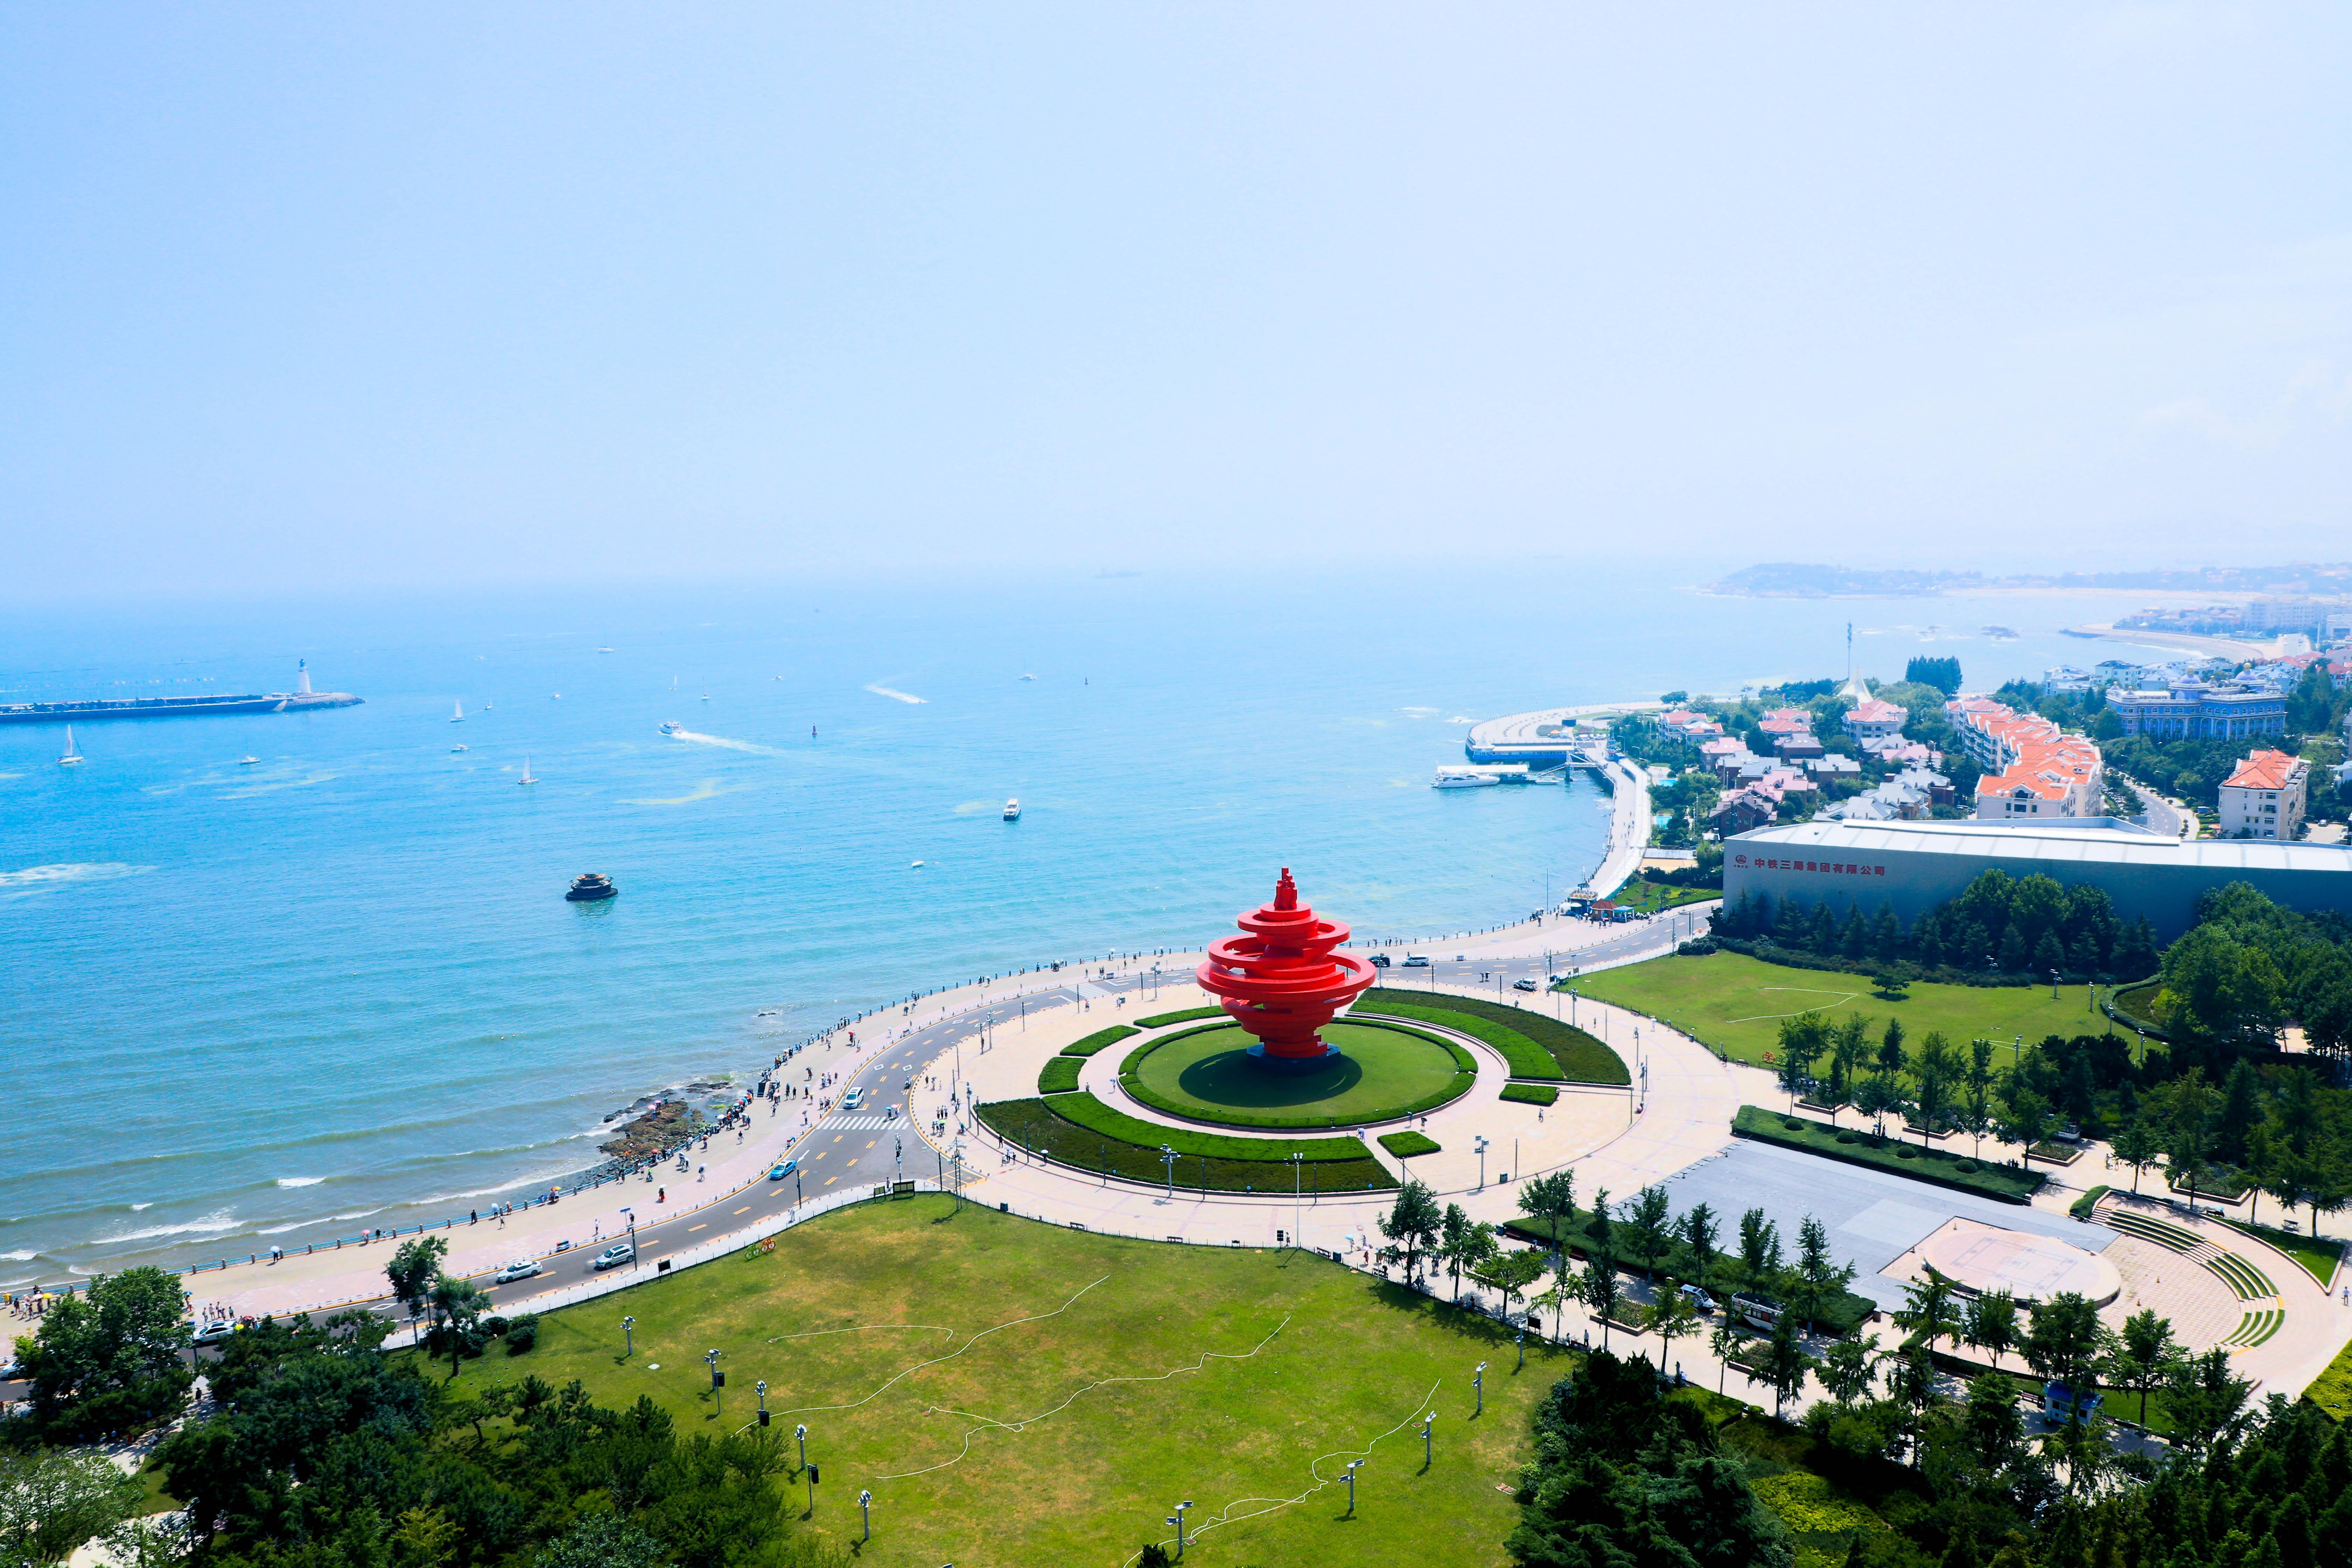 青岛要建国际消费中心城市 增强经济持续健康增长的动力